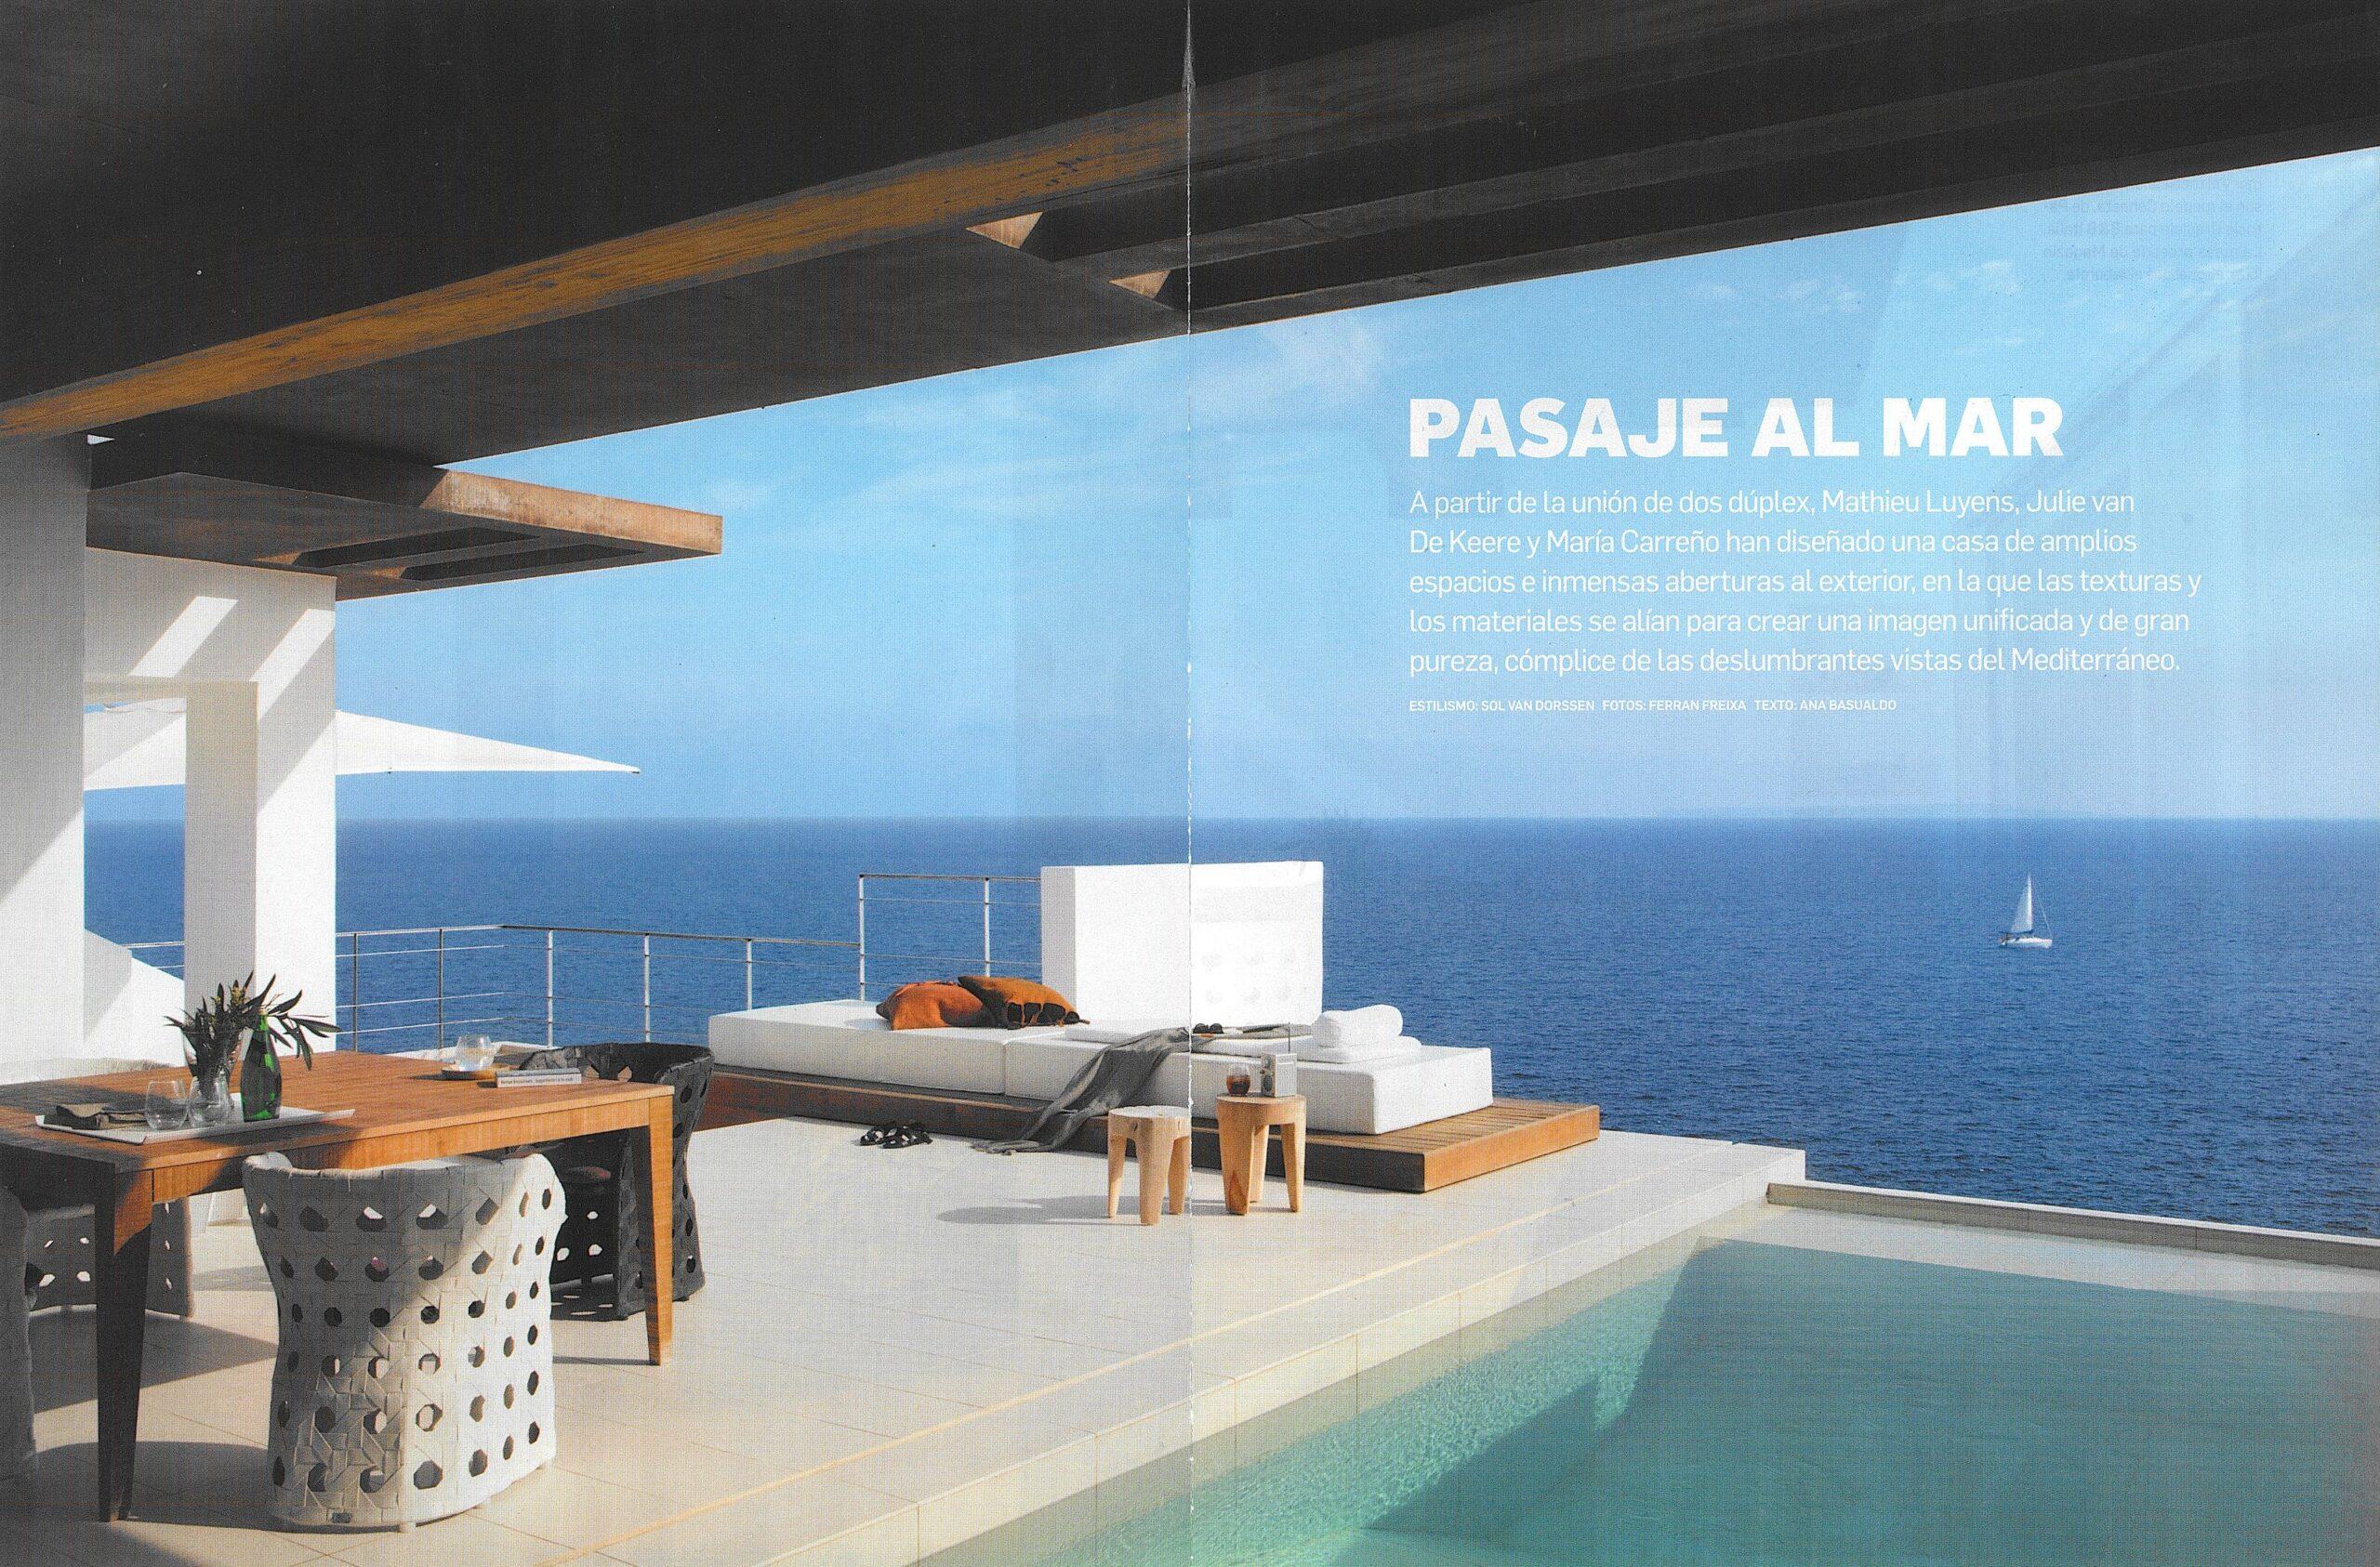 Revista Arquitectura y Diseño, nº 150 - Construcciones CALA